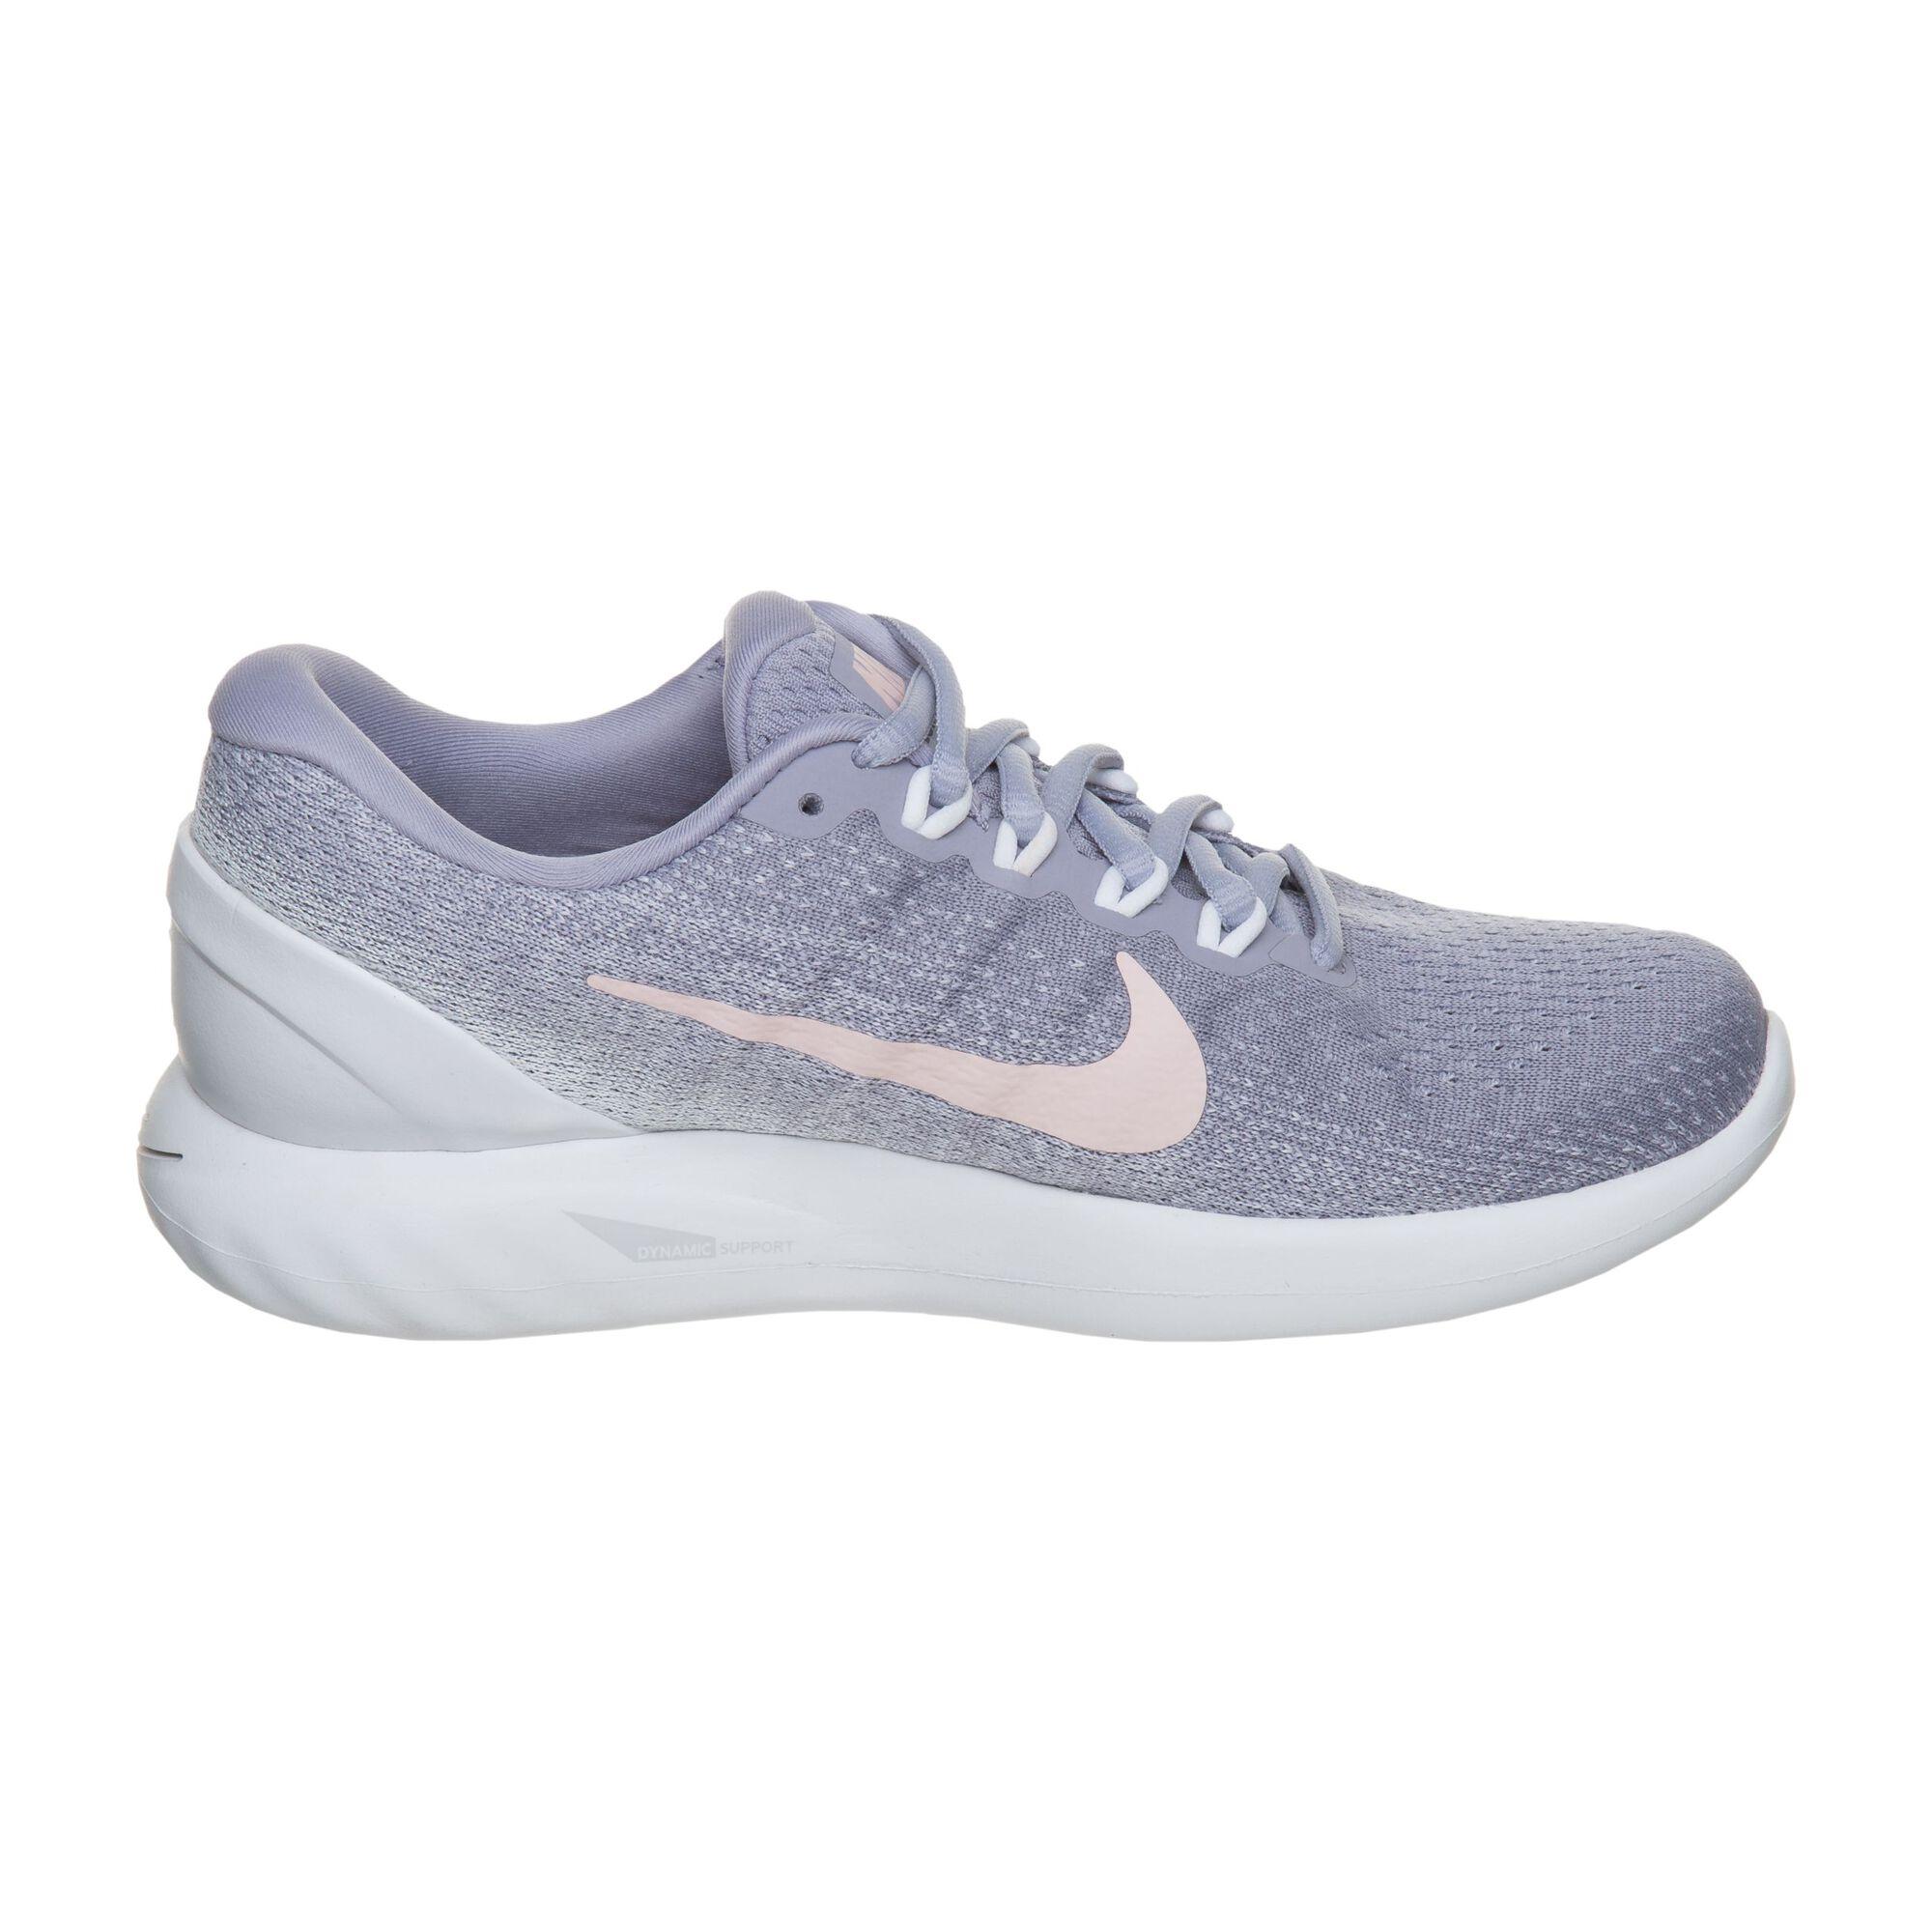 3901423589519 buy Nike LunarGlide 9 Stability Running Shoe Women - Lilac